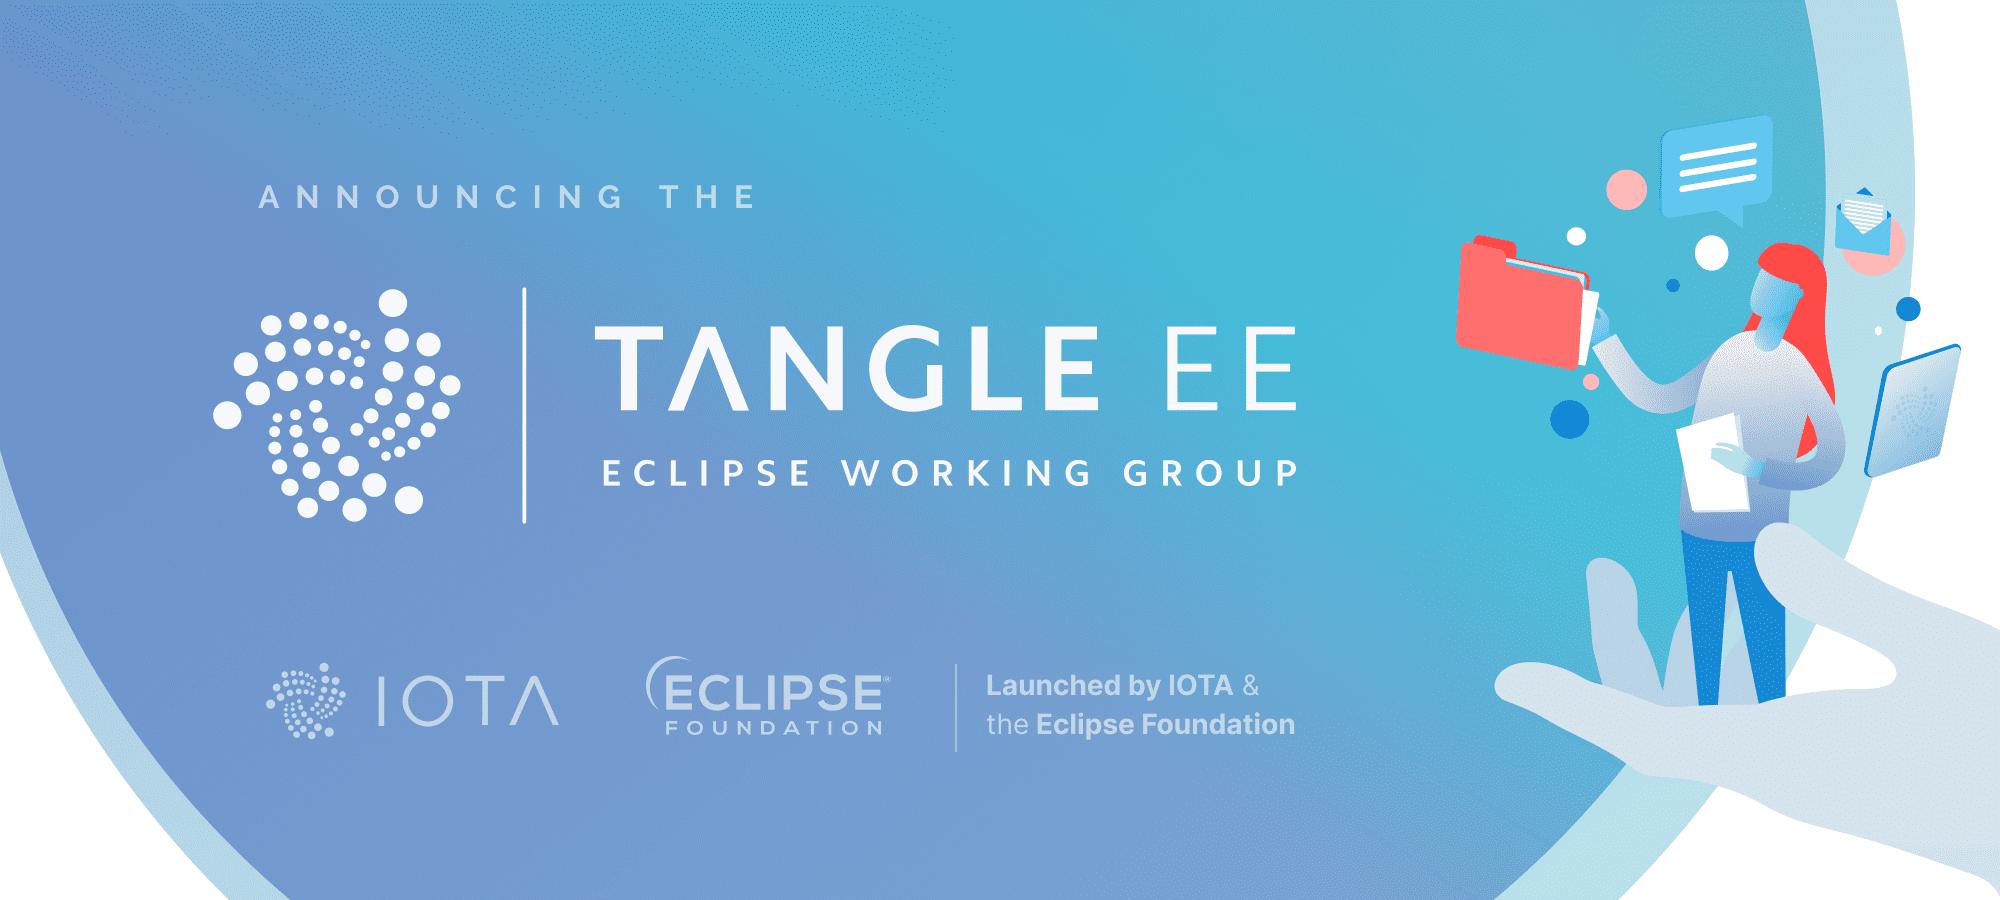 کارگروه Tangle EE برای توسعهی ابزارهای سازمانی روی آیوتا راهاندازی شد